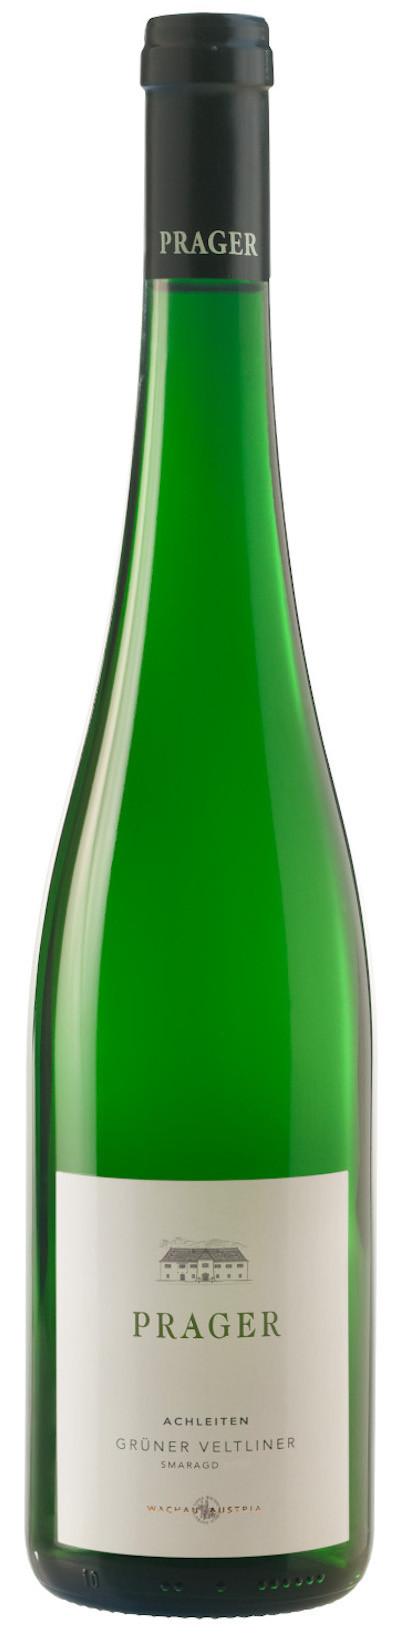 Prager - Grüner Veltliner Smaragd Achleiten